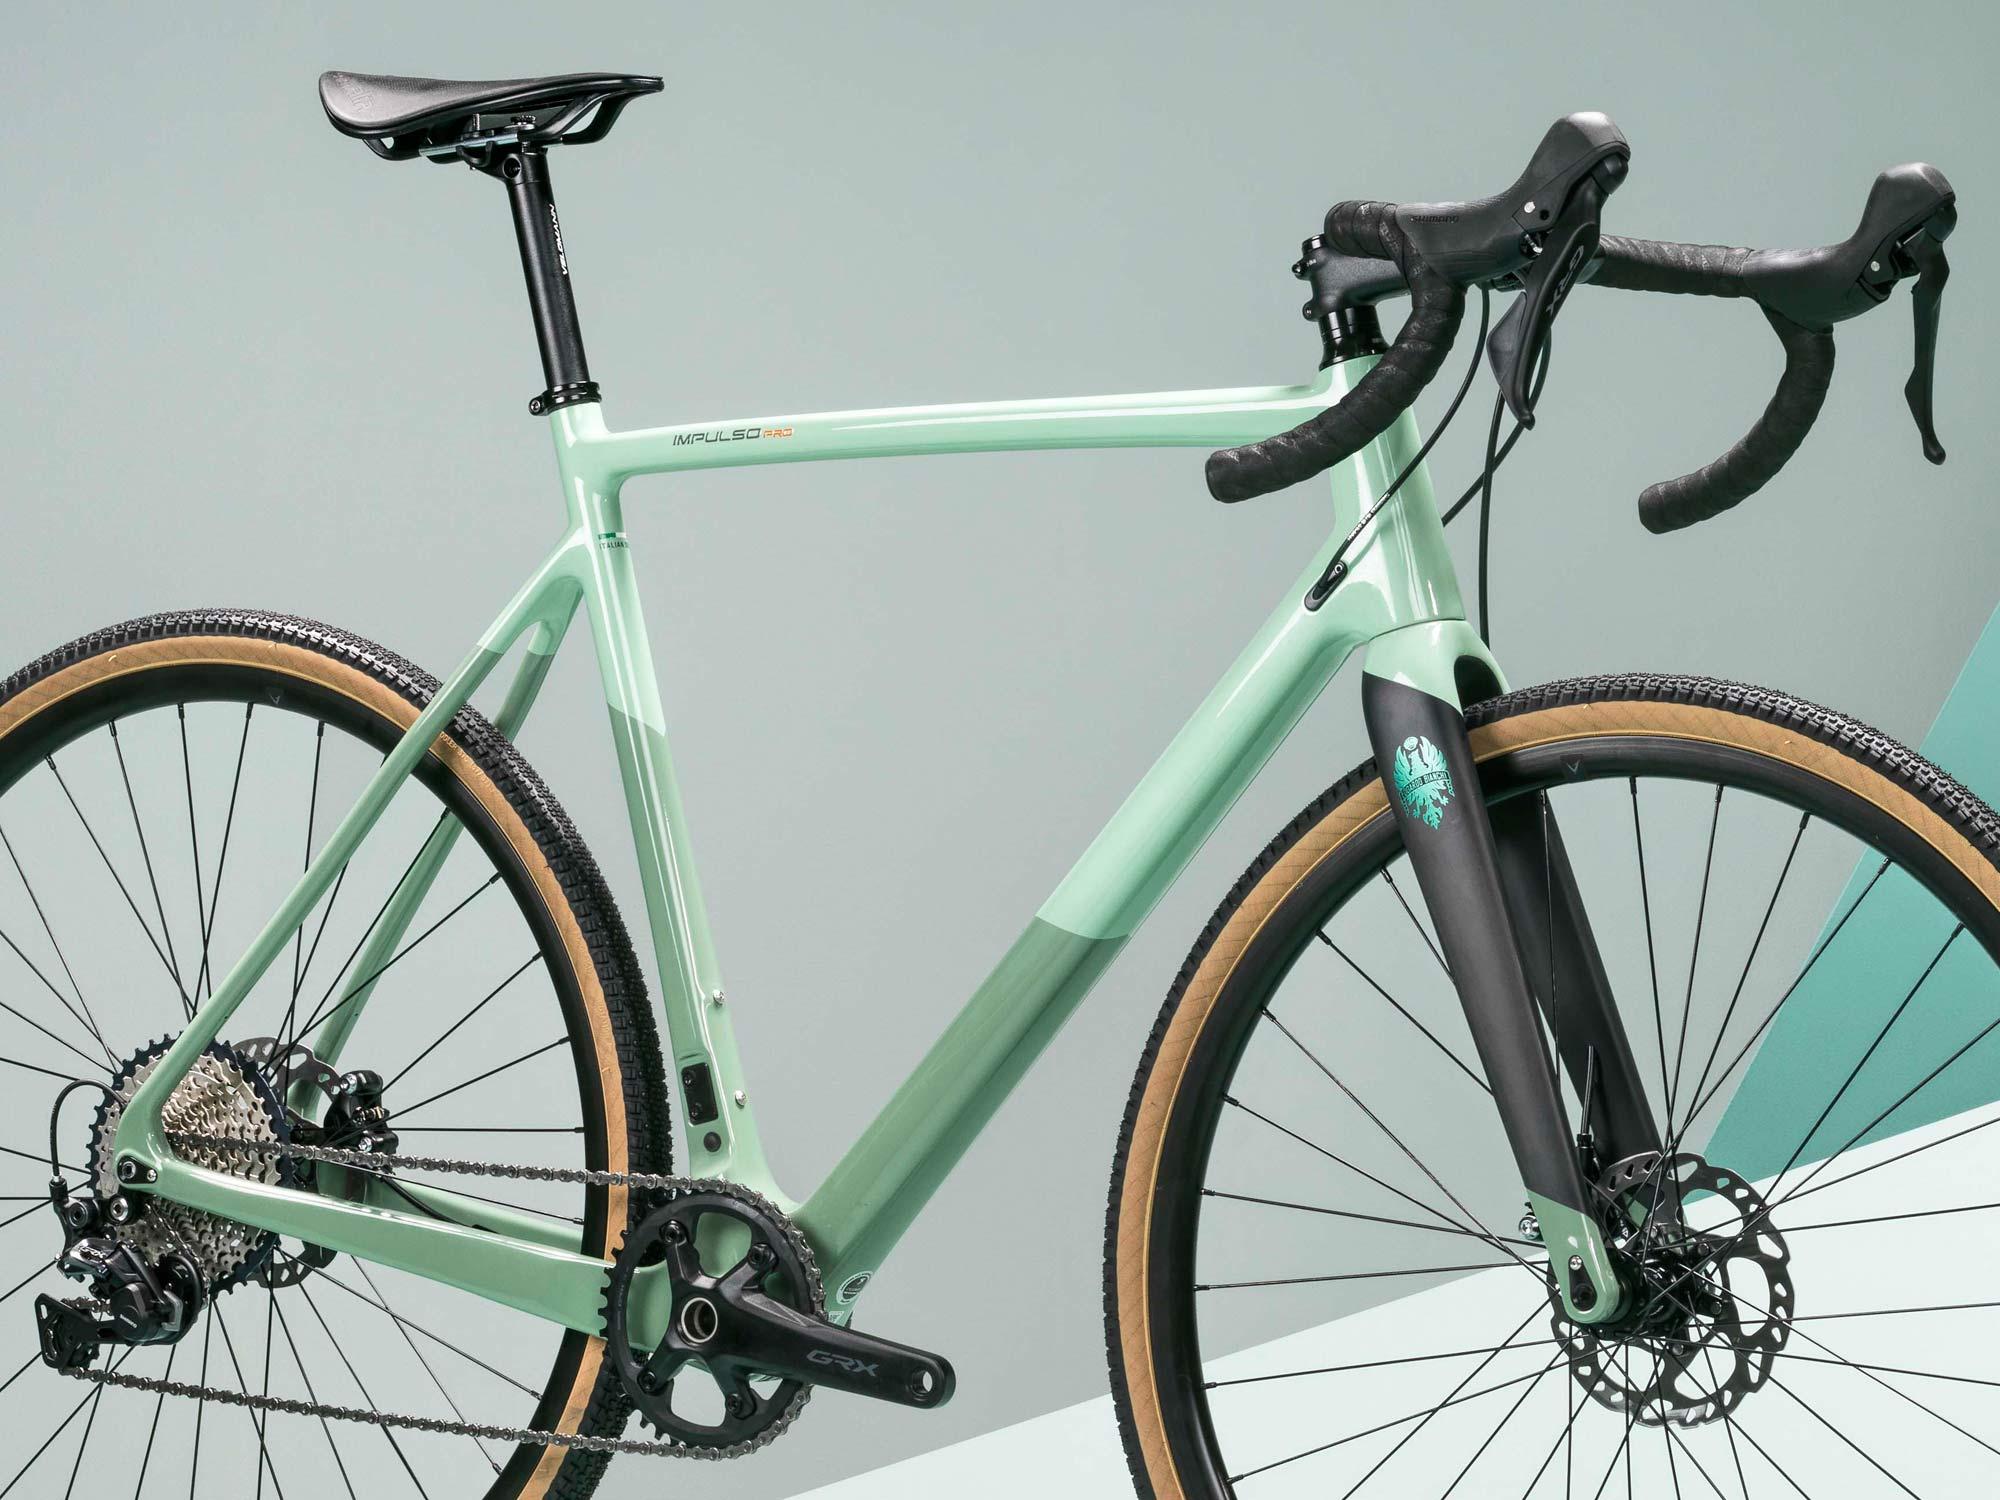 2022 Bianchi Impulso Pro carbon gravel bike, Zolder Pro CX cross cyclocross bike reborn,detail